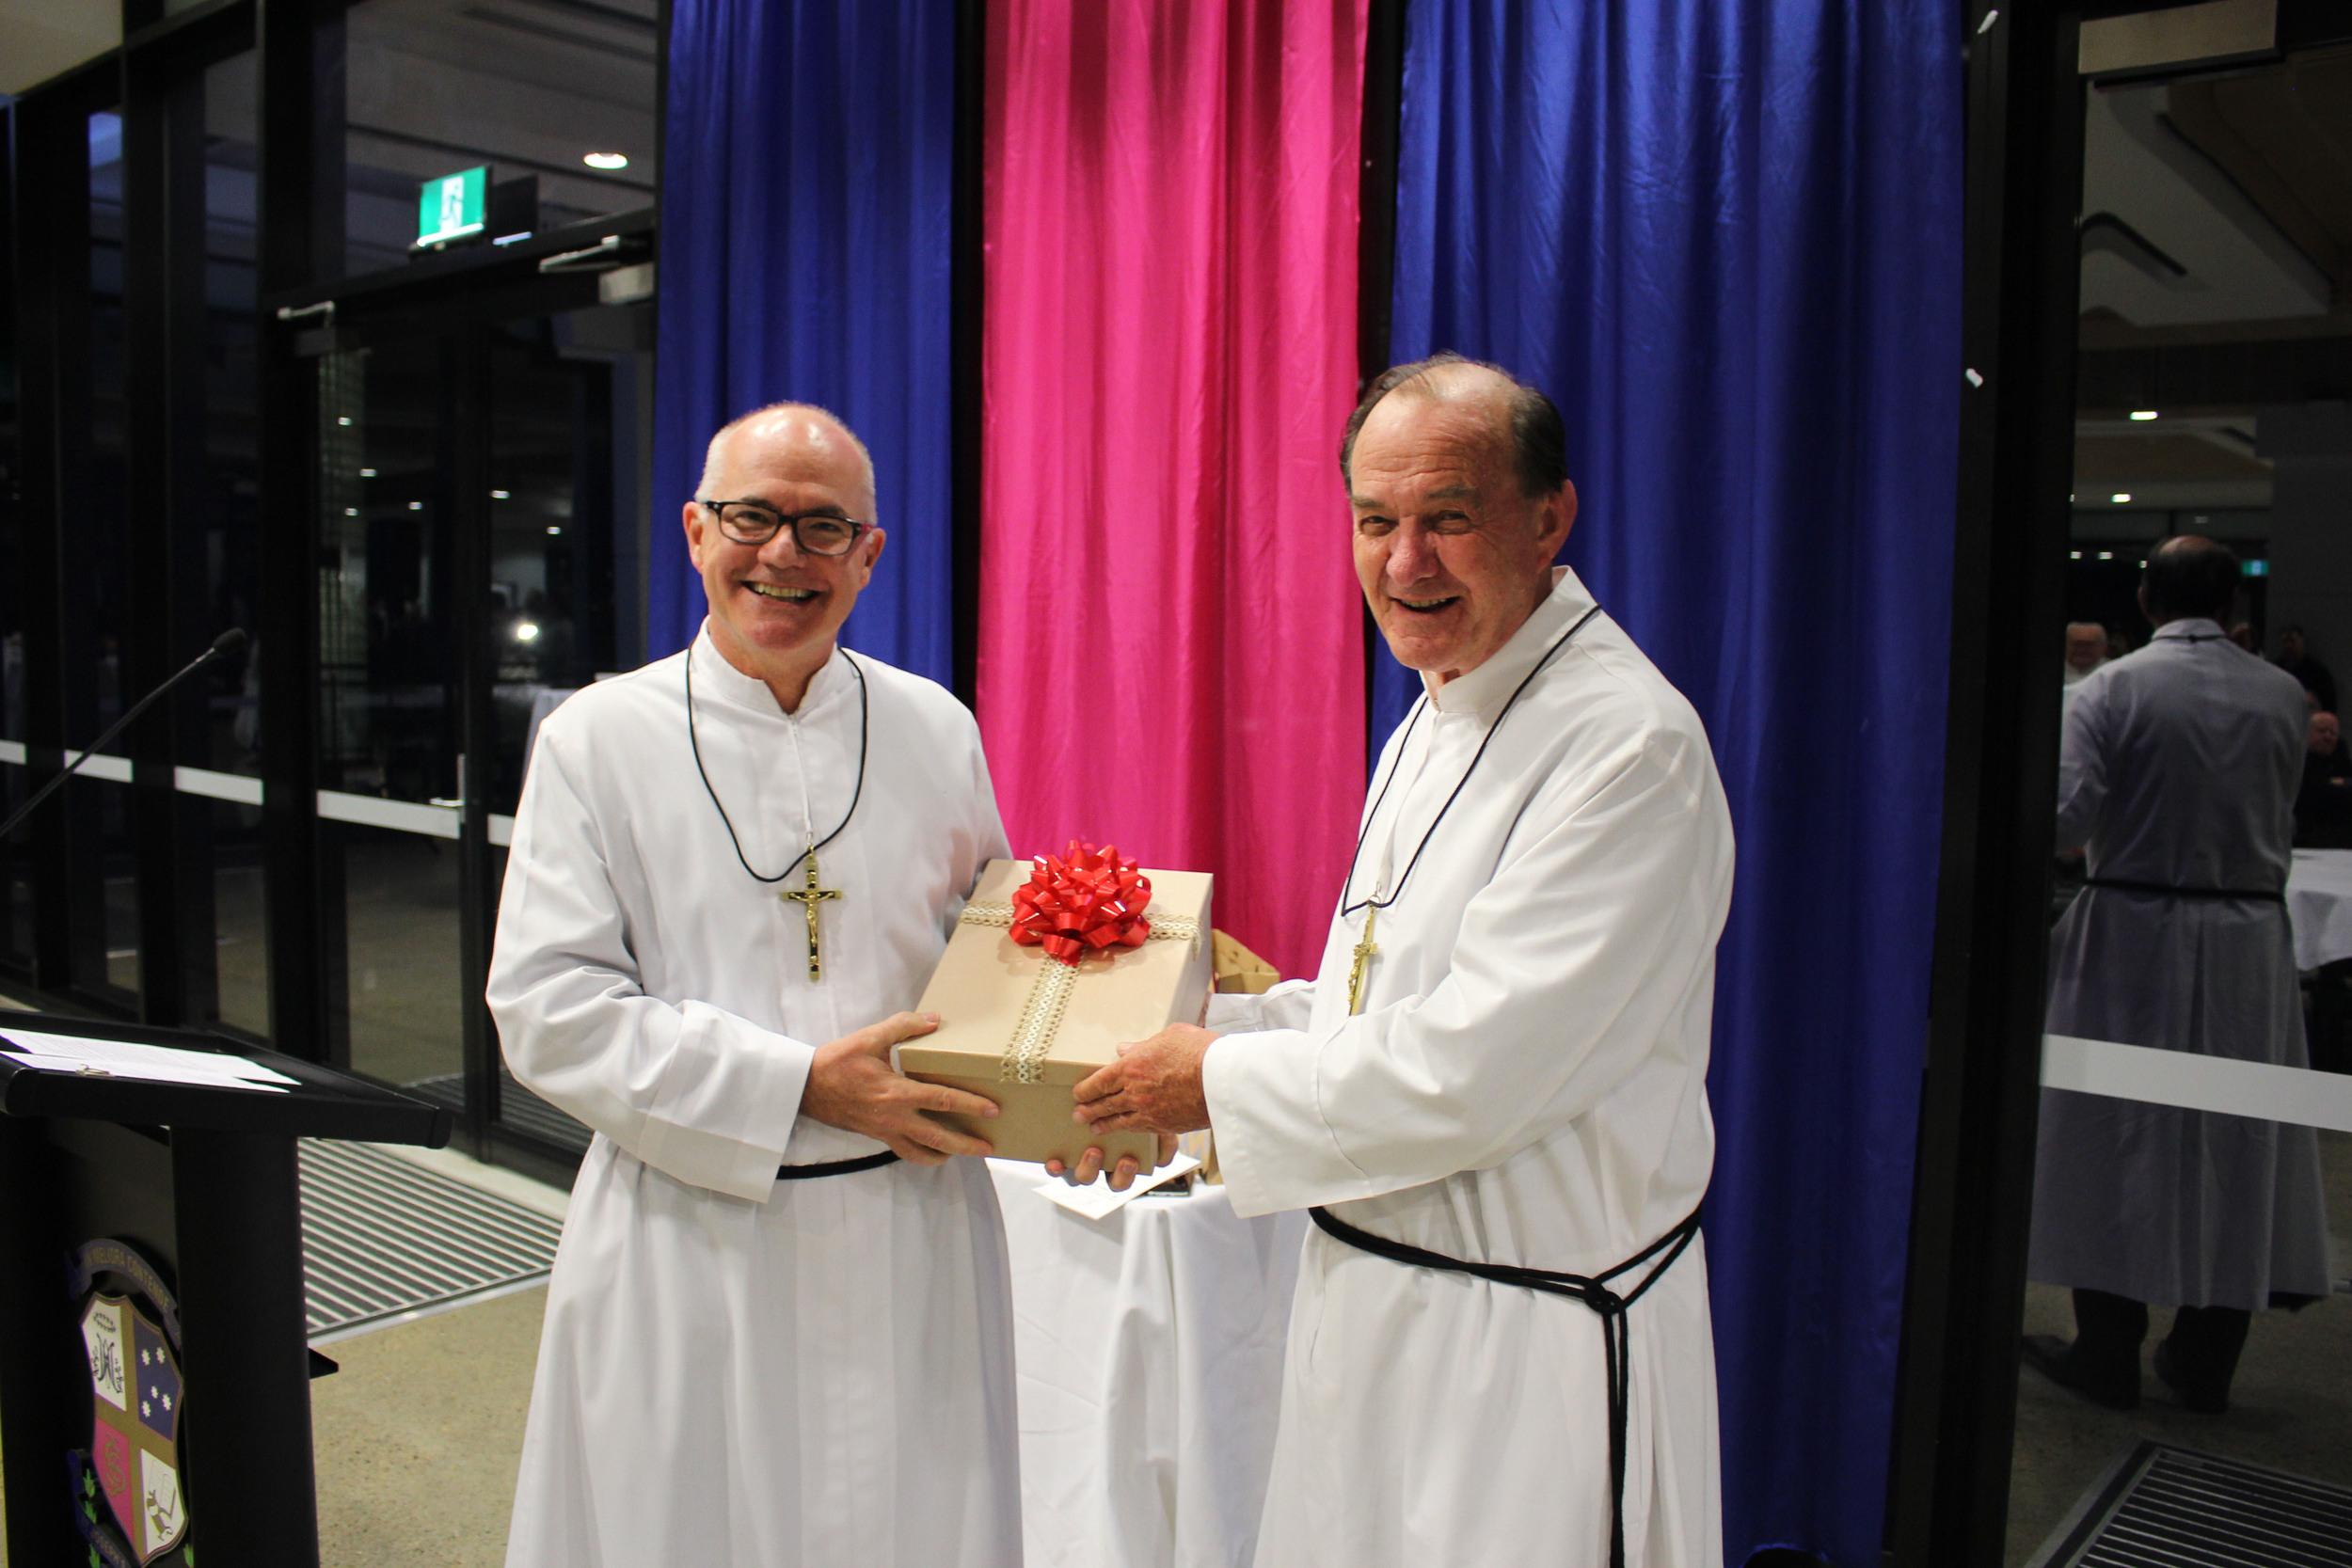 Peter Carroll & Jeff Crowe gifting.jpg